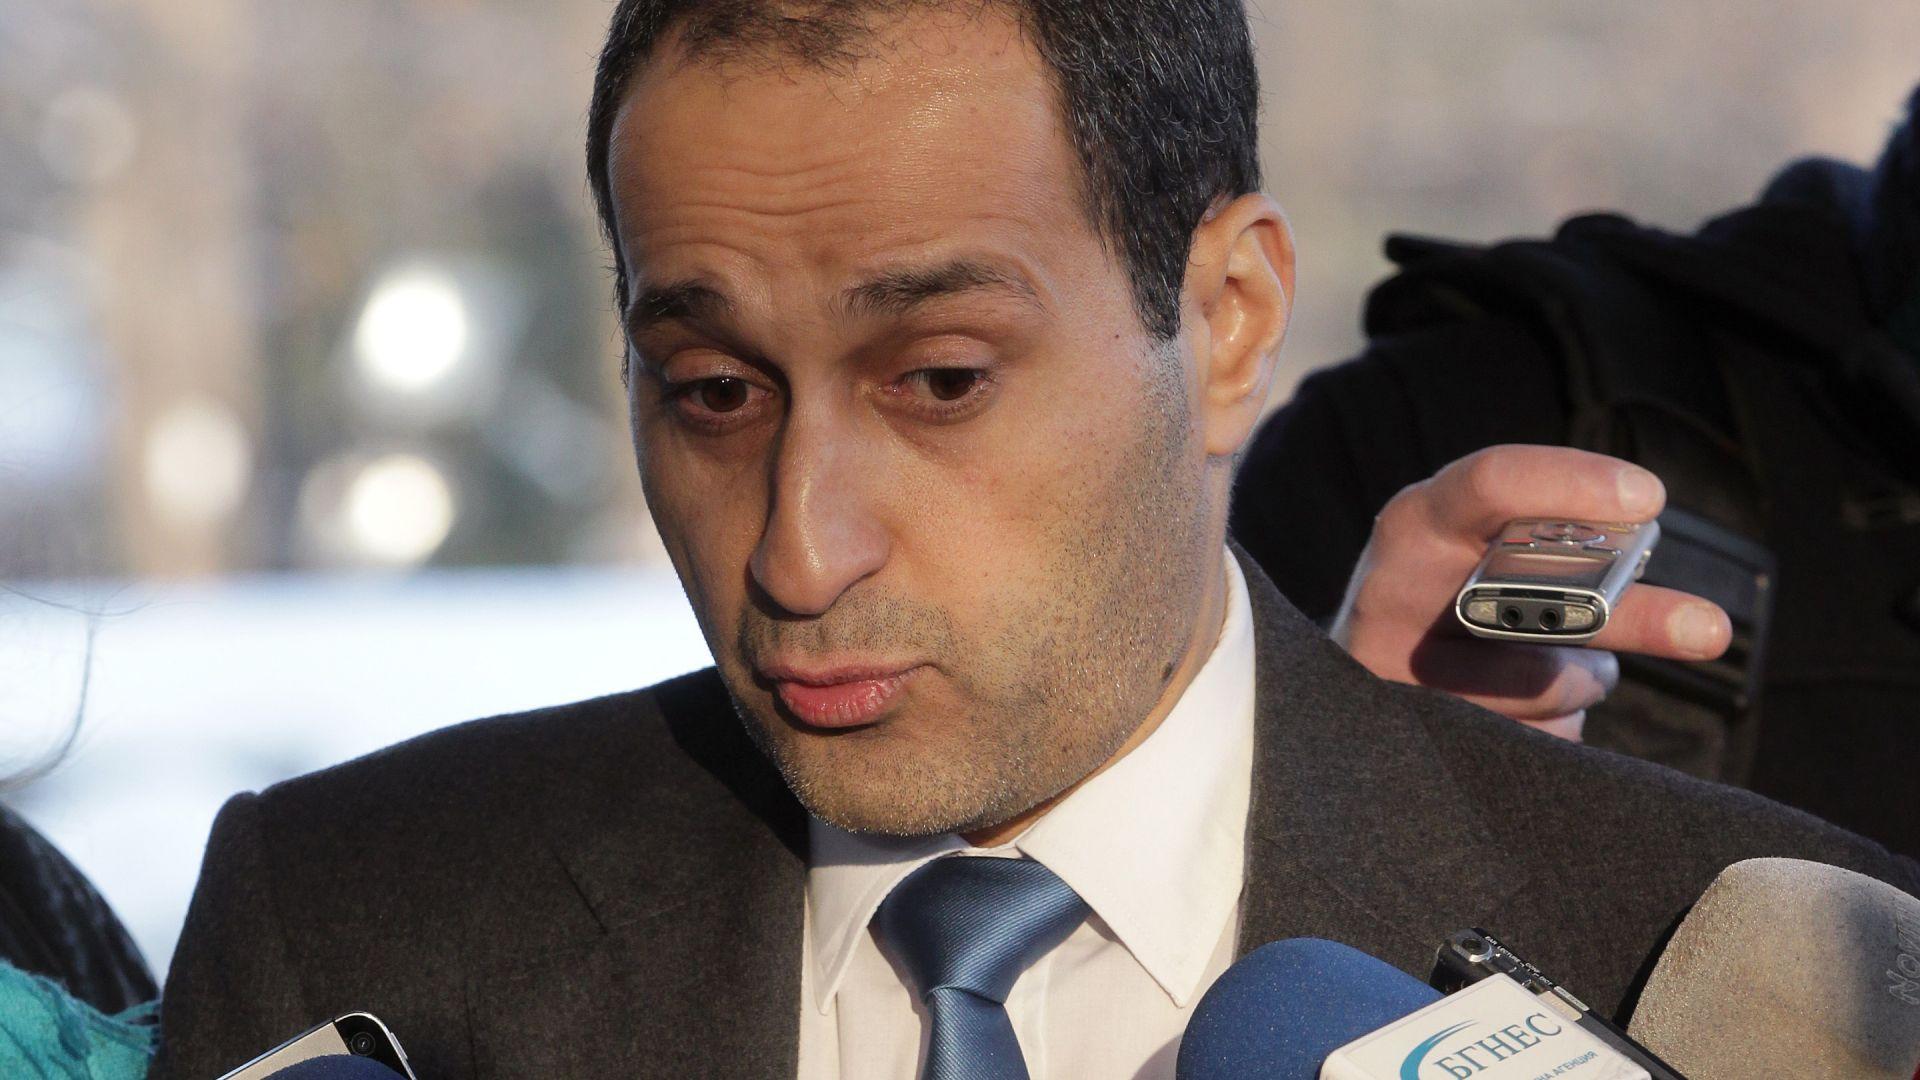 Съдът отмени ефективната присъда на бившия зам.-министър Христо Ангеличин и го оправда